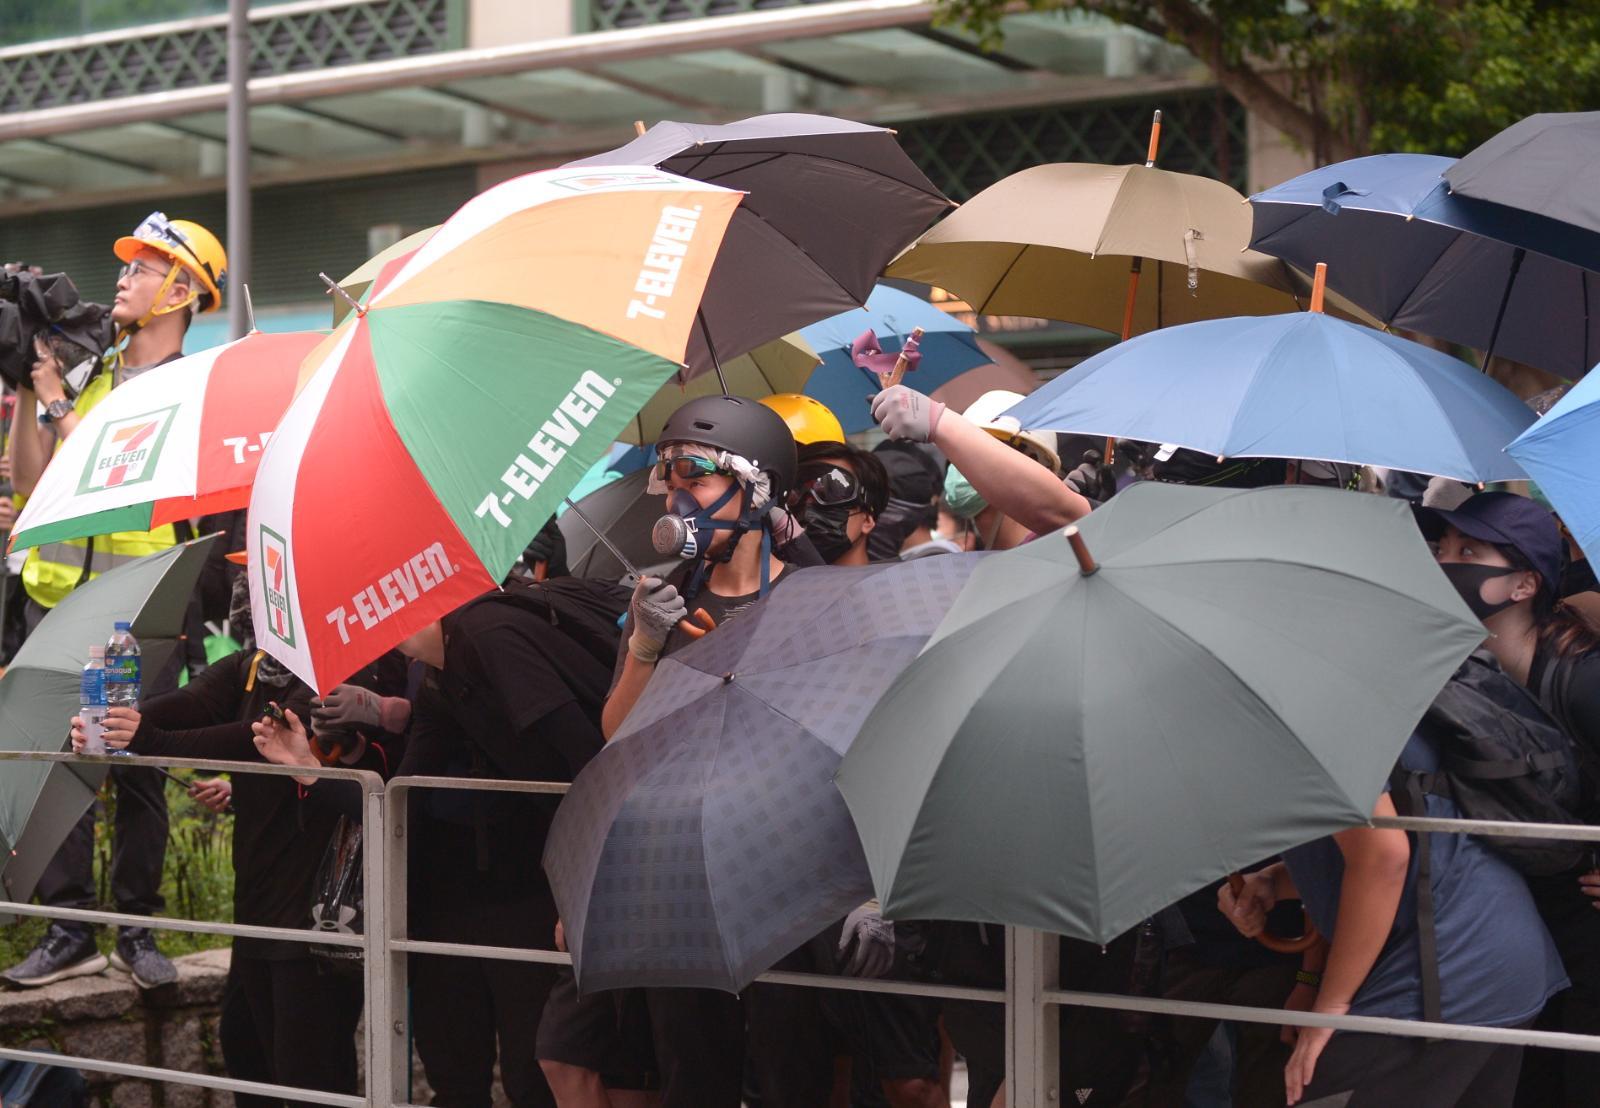 【將軍澳遊行】示威者擲磚頭砸爛警署玻璃窗 警方短時間驅散促立即離開